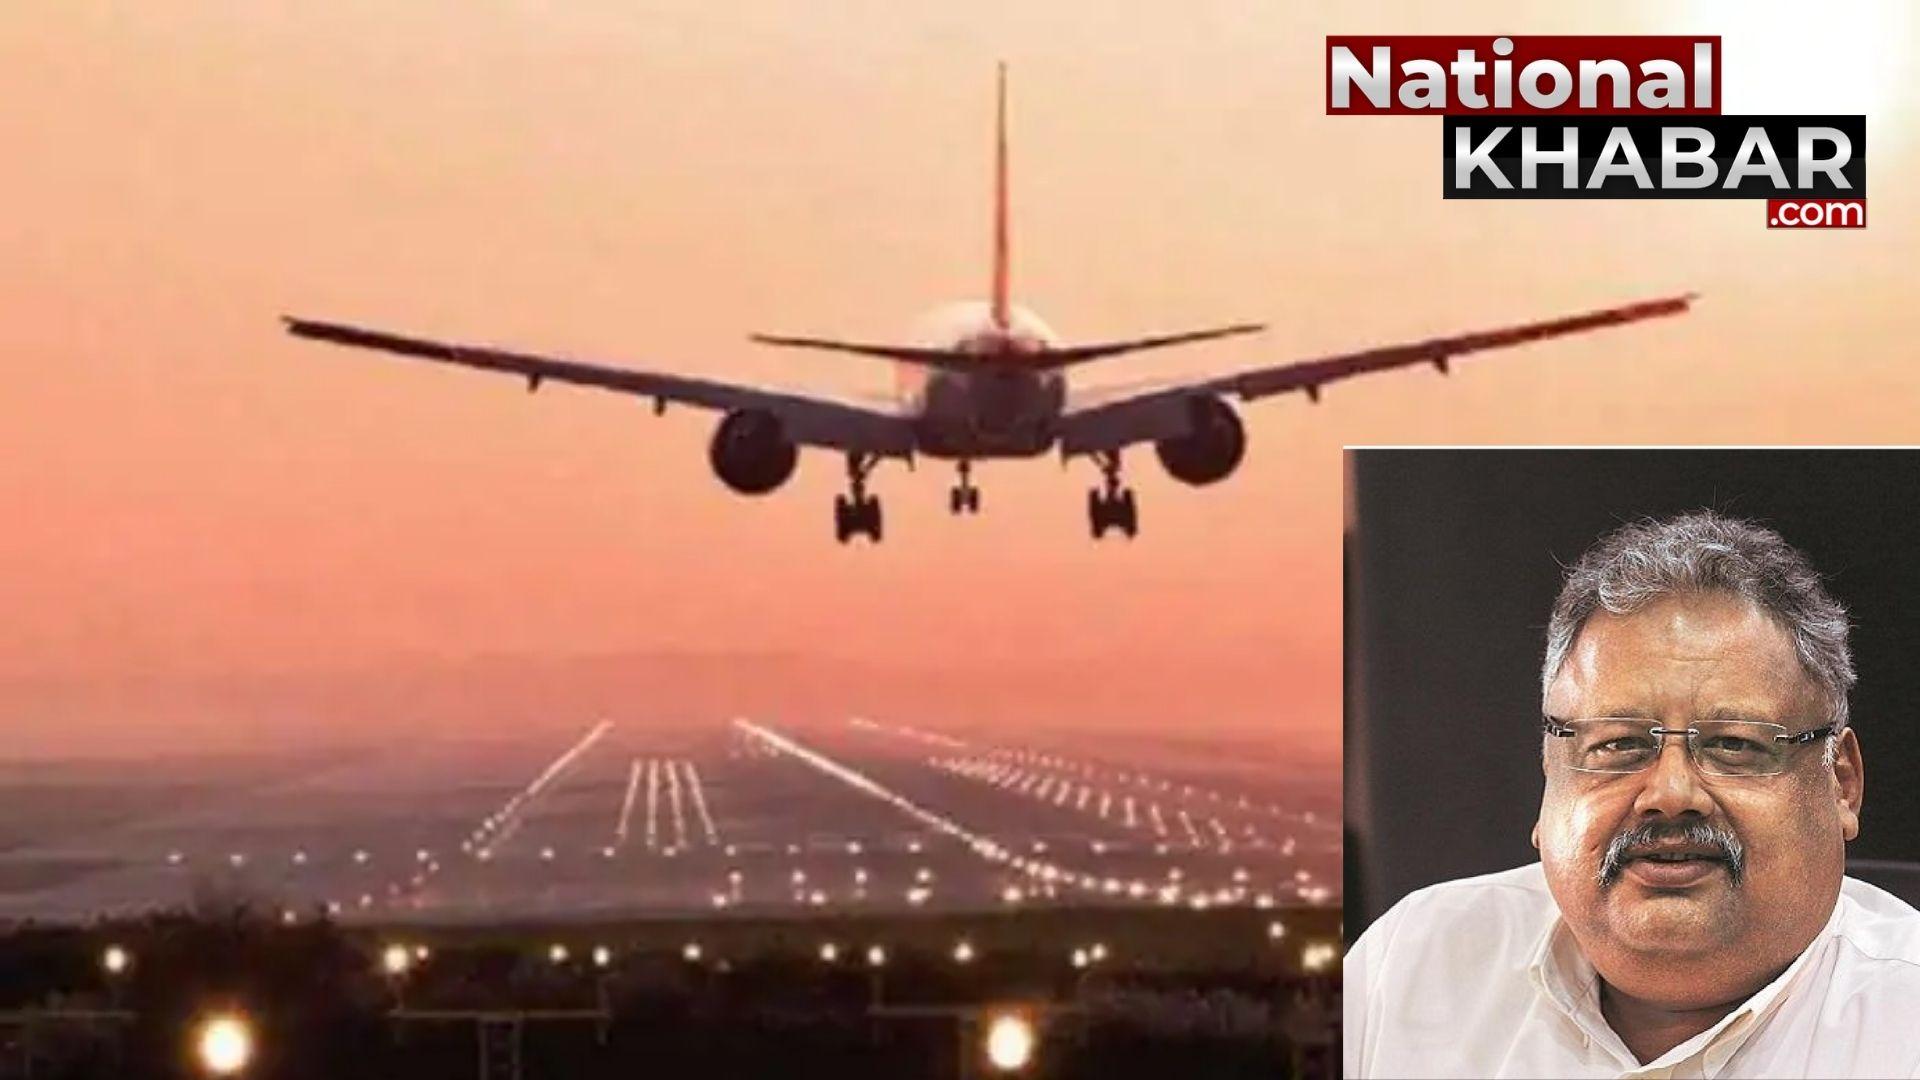 राकेश झुनझुनवाला की आकासा एयर को मिली सरकार से मंजूरी, 2022 के गर्मियों में हो सकती है शुरुआत